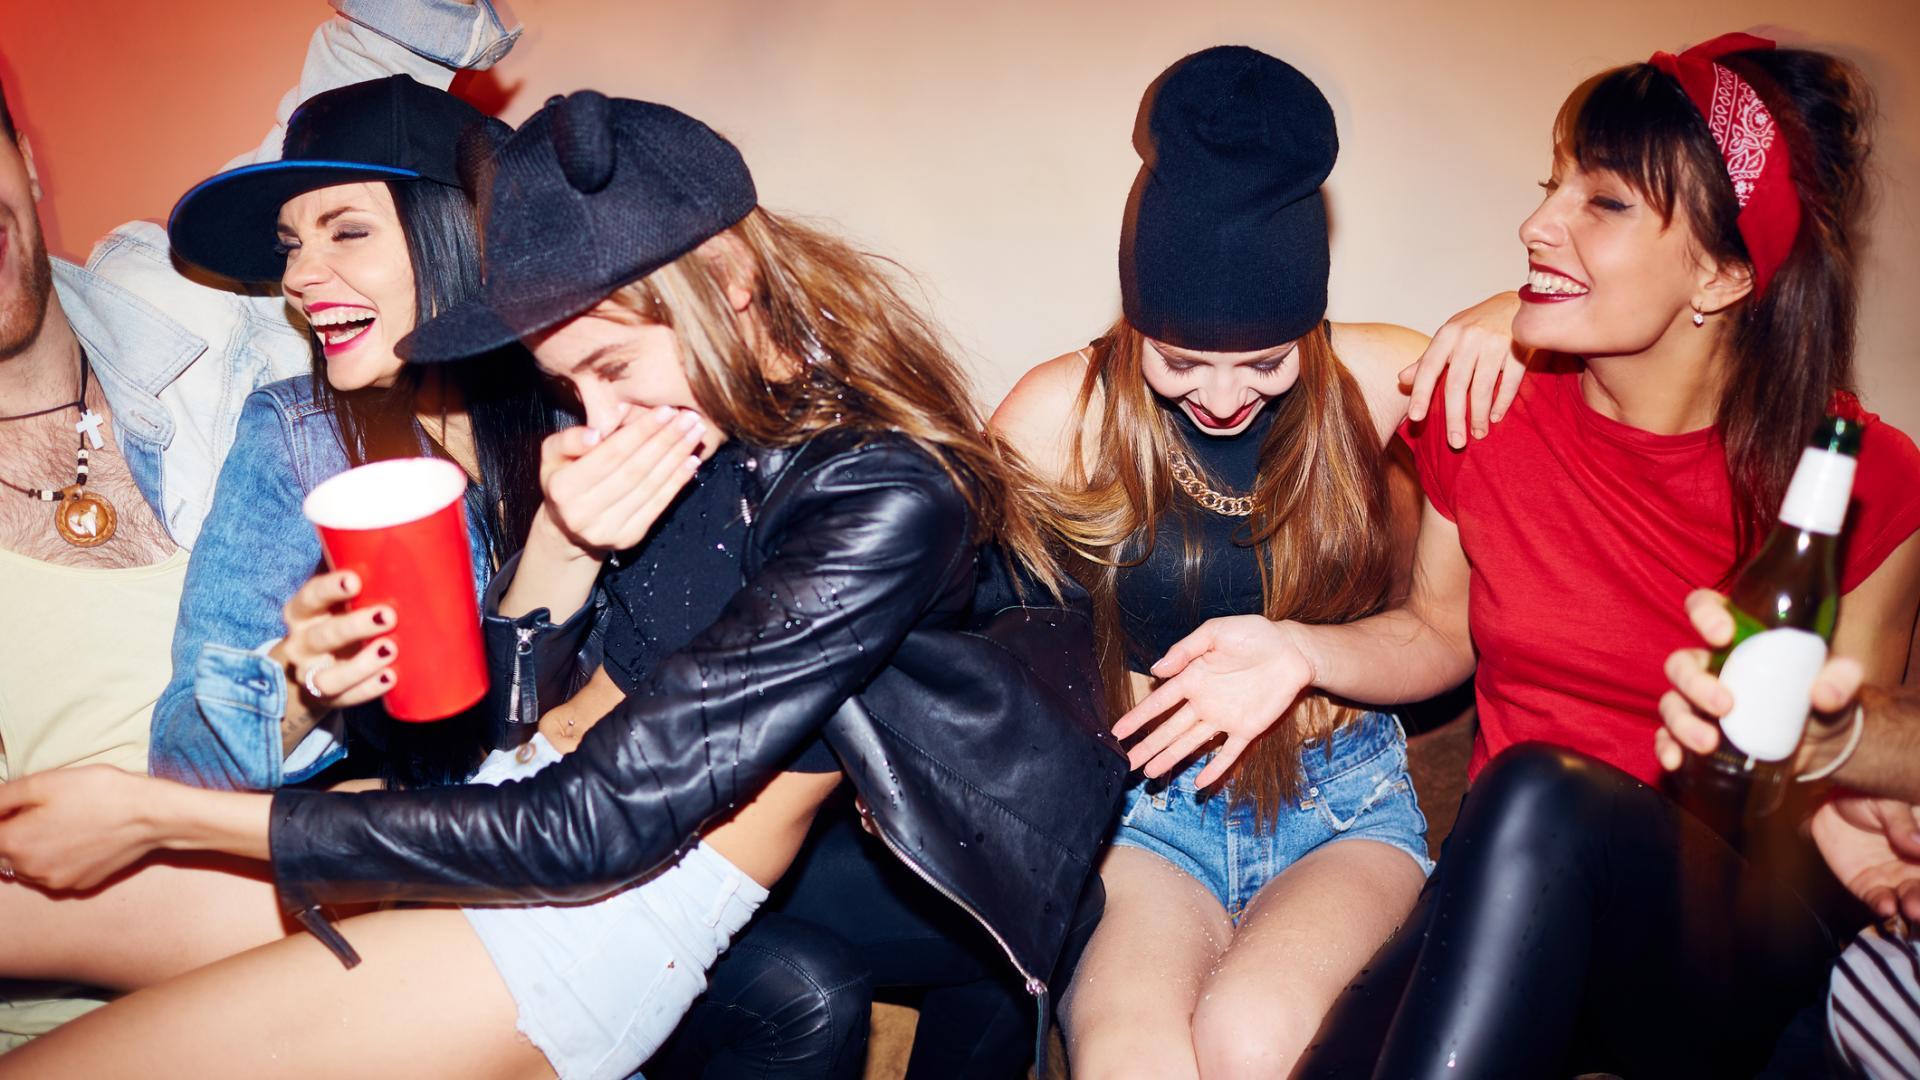 Jugend, VSCO, Alkohol